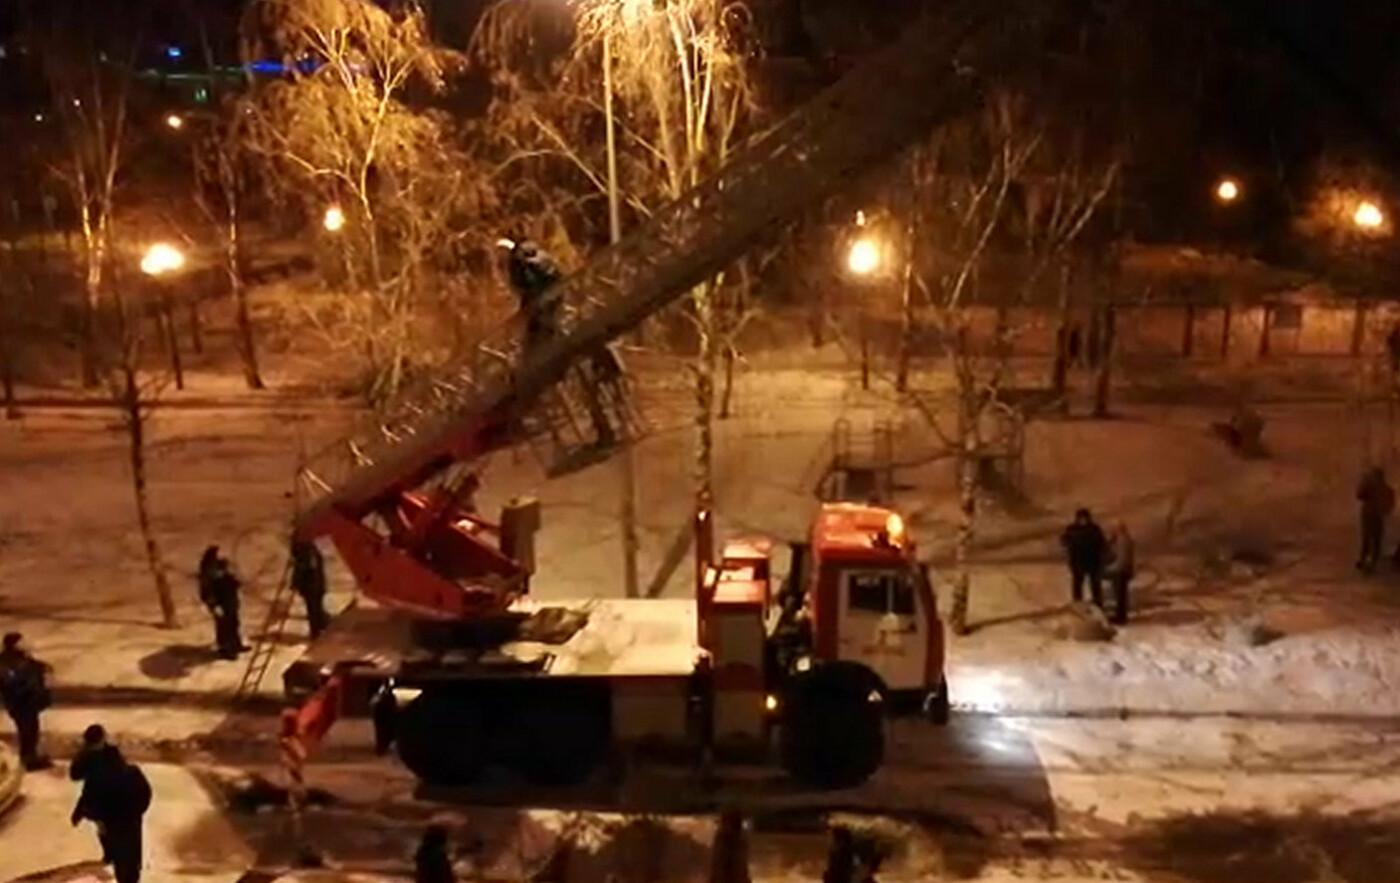 Белгородские спасатели сняли кошку с высокого дерева, фото-1, Фото пресс-службы ГУ МЧС по Белгородской области